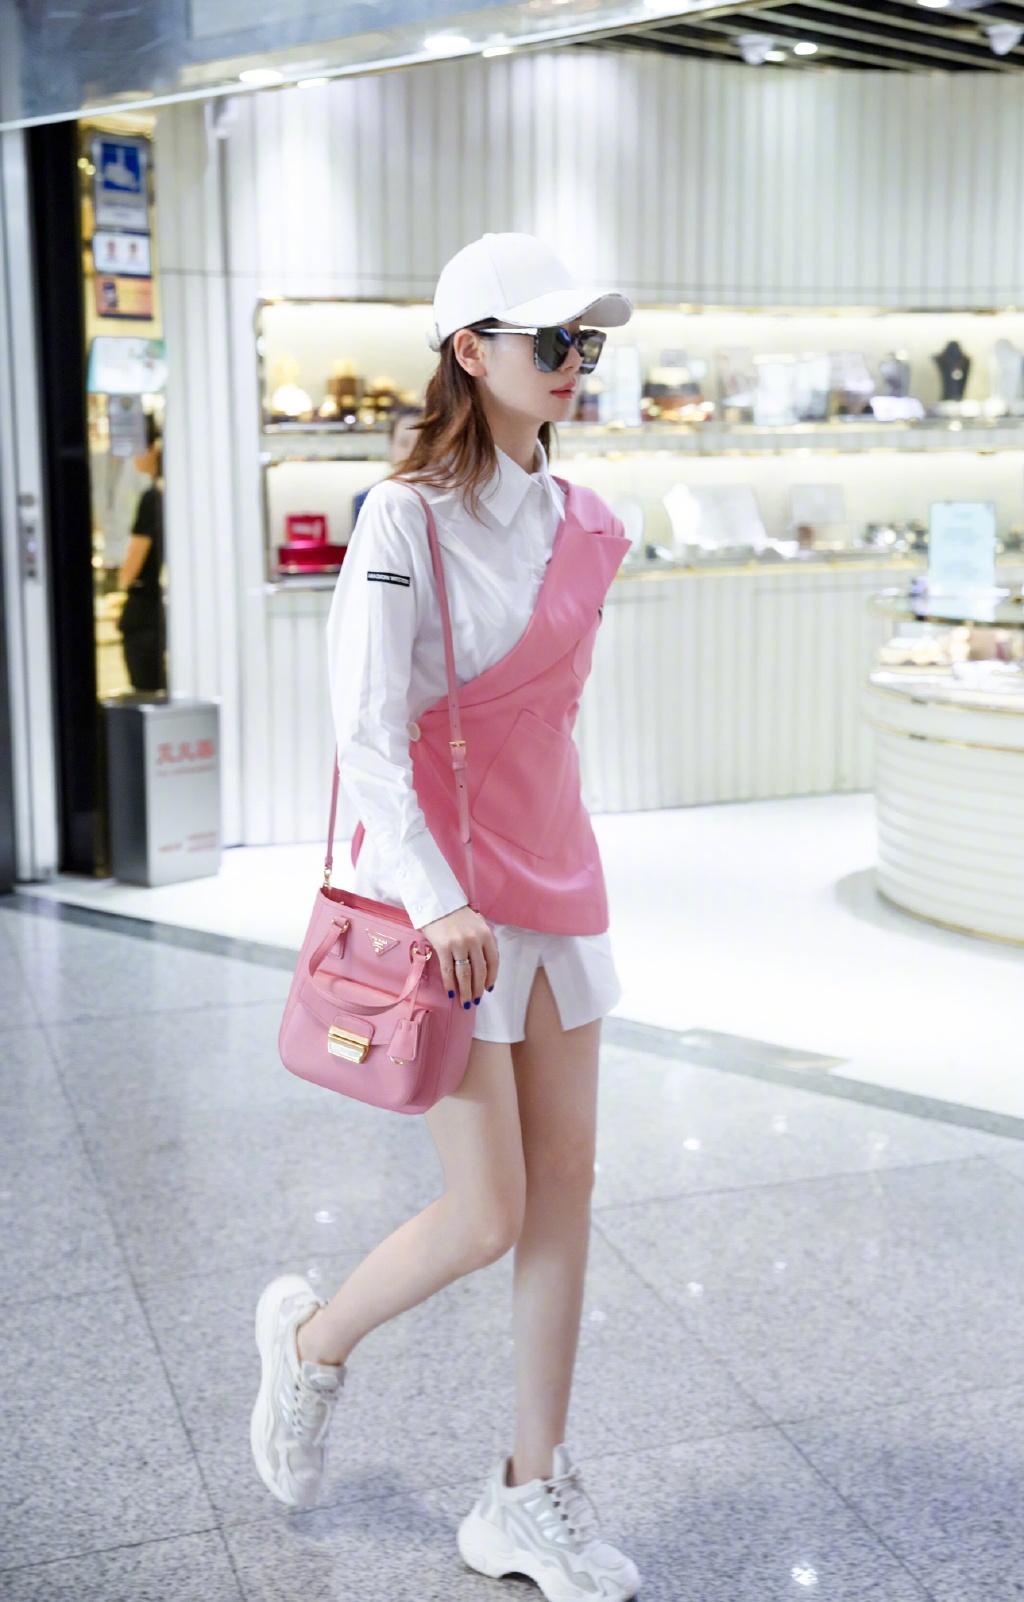 34岁戚薇又作妖,粉色西装撕半边套在白衬衫上,意外解锁新时尚